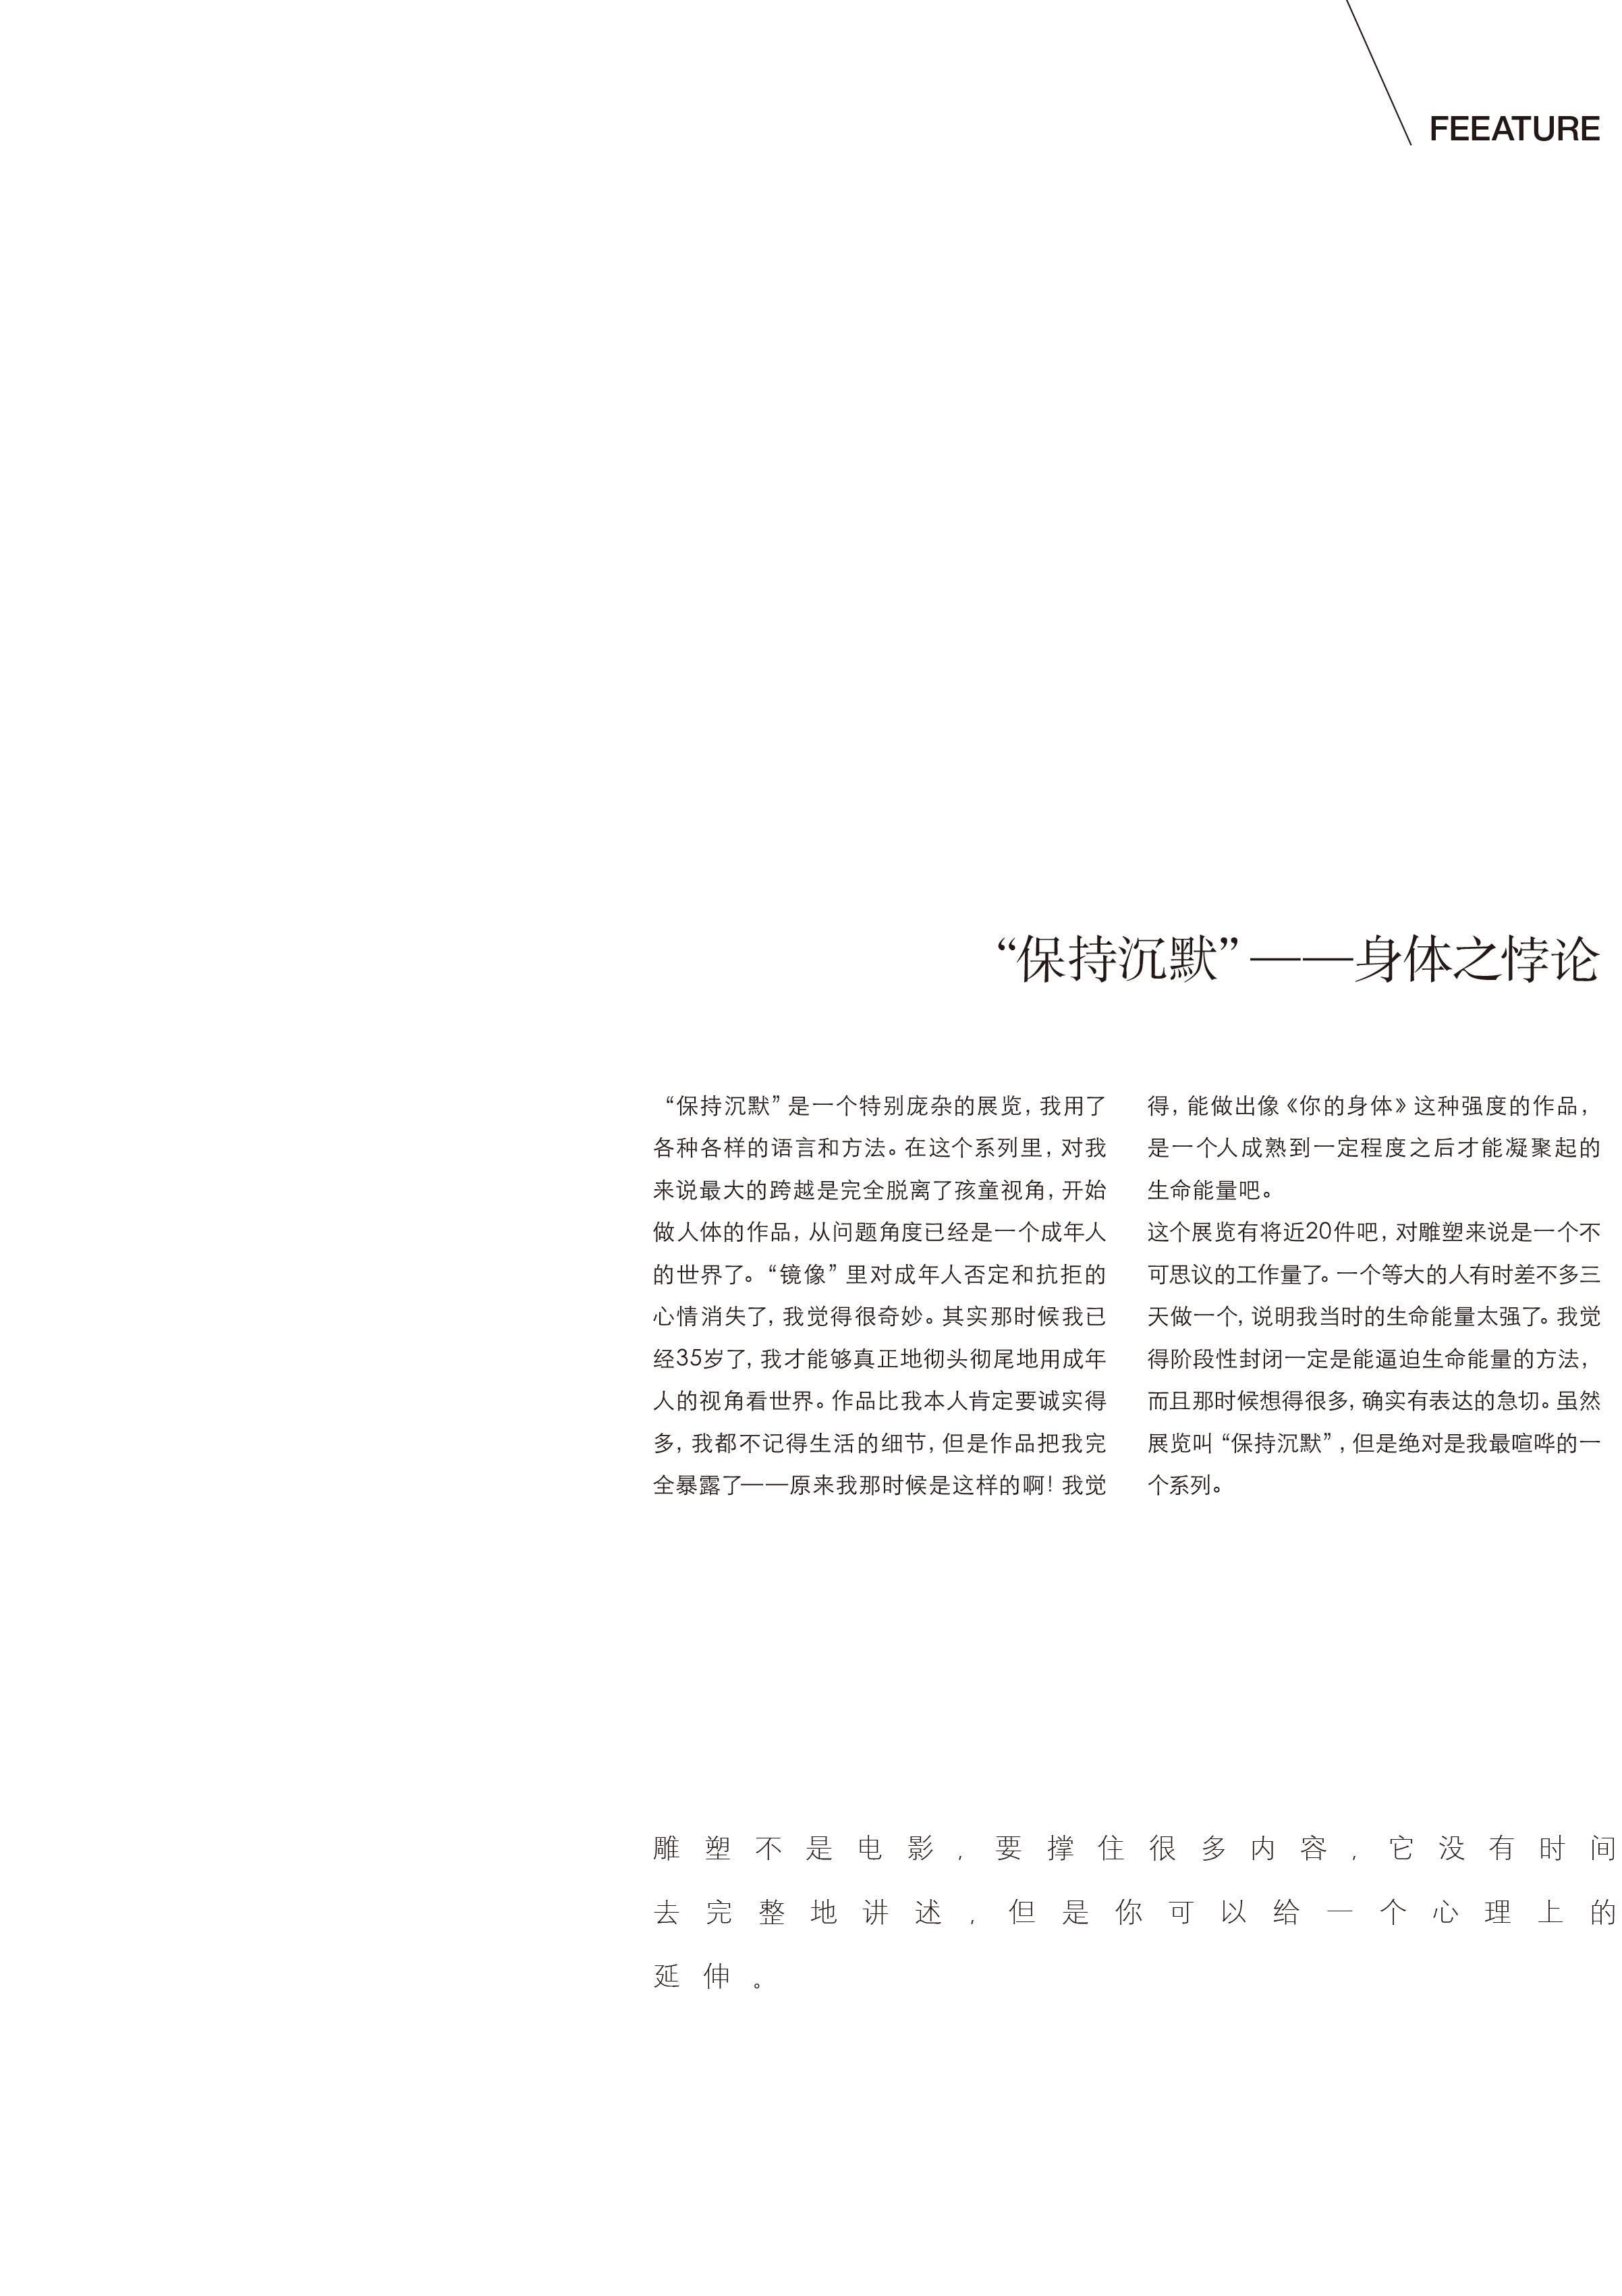 xj-10-2.jpg